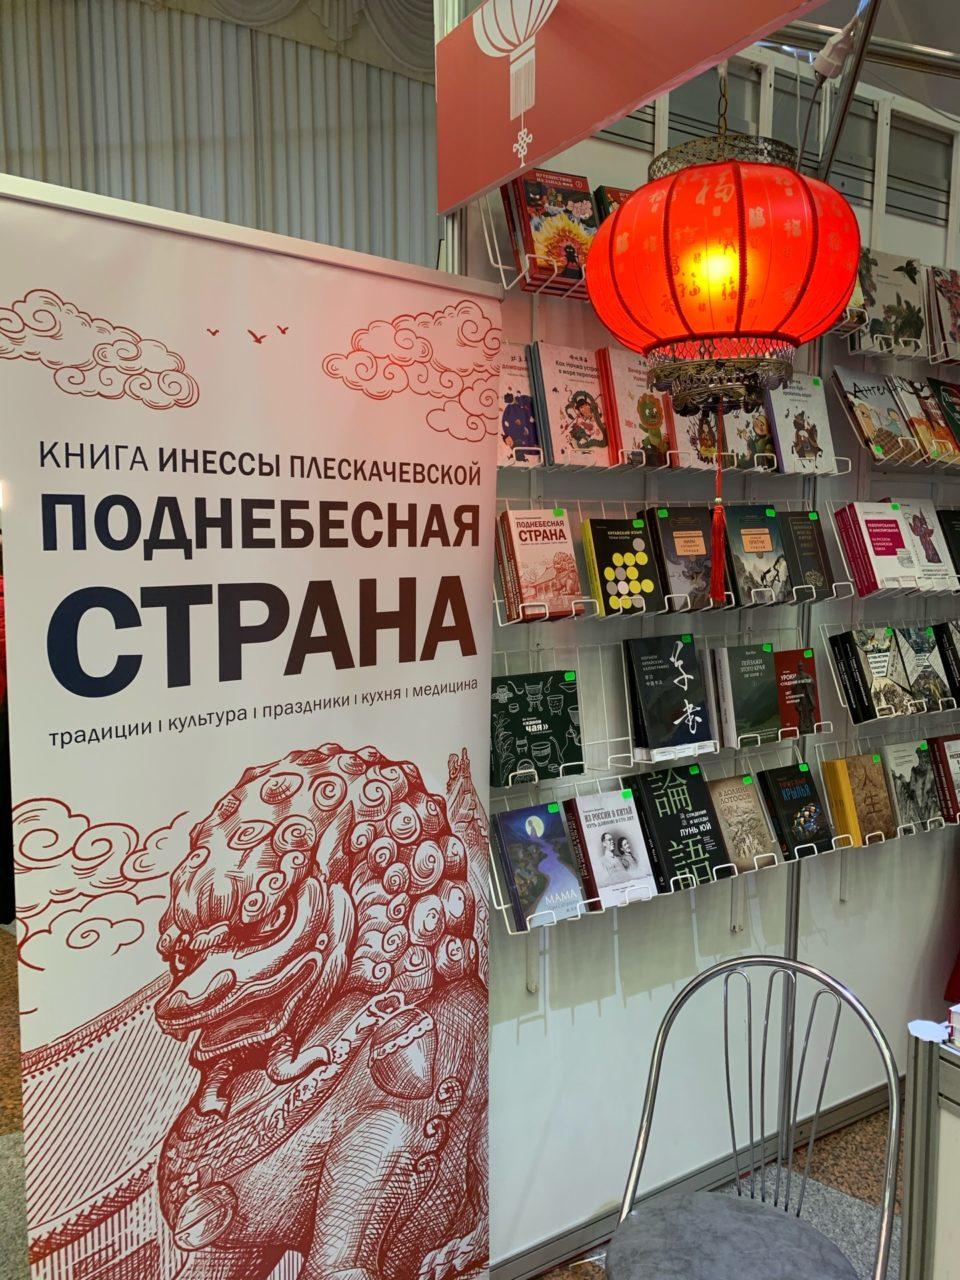 Минск — столица литературы 21